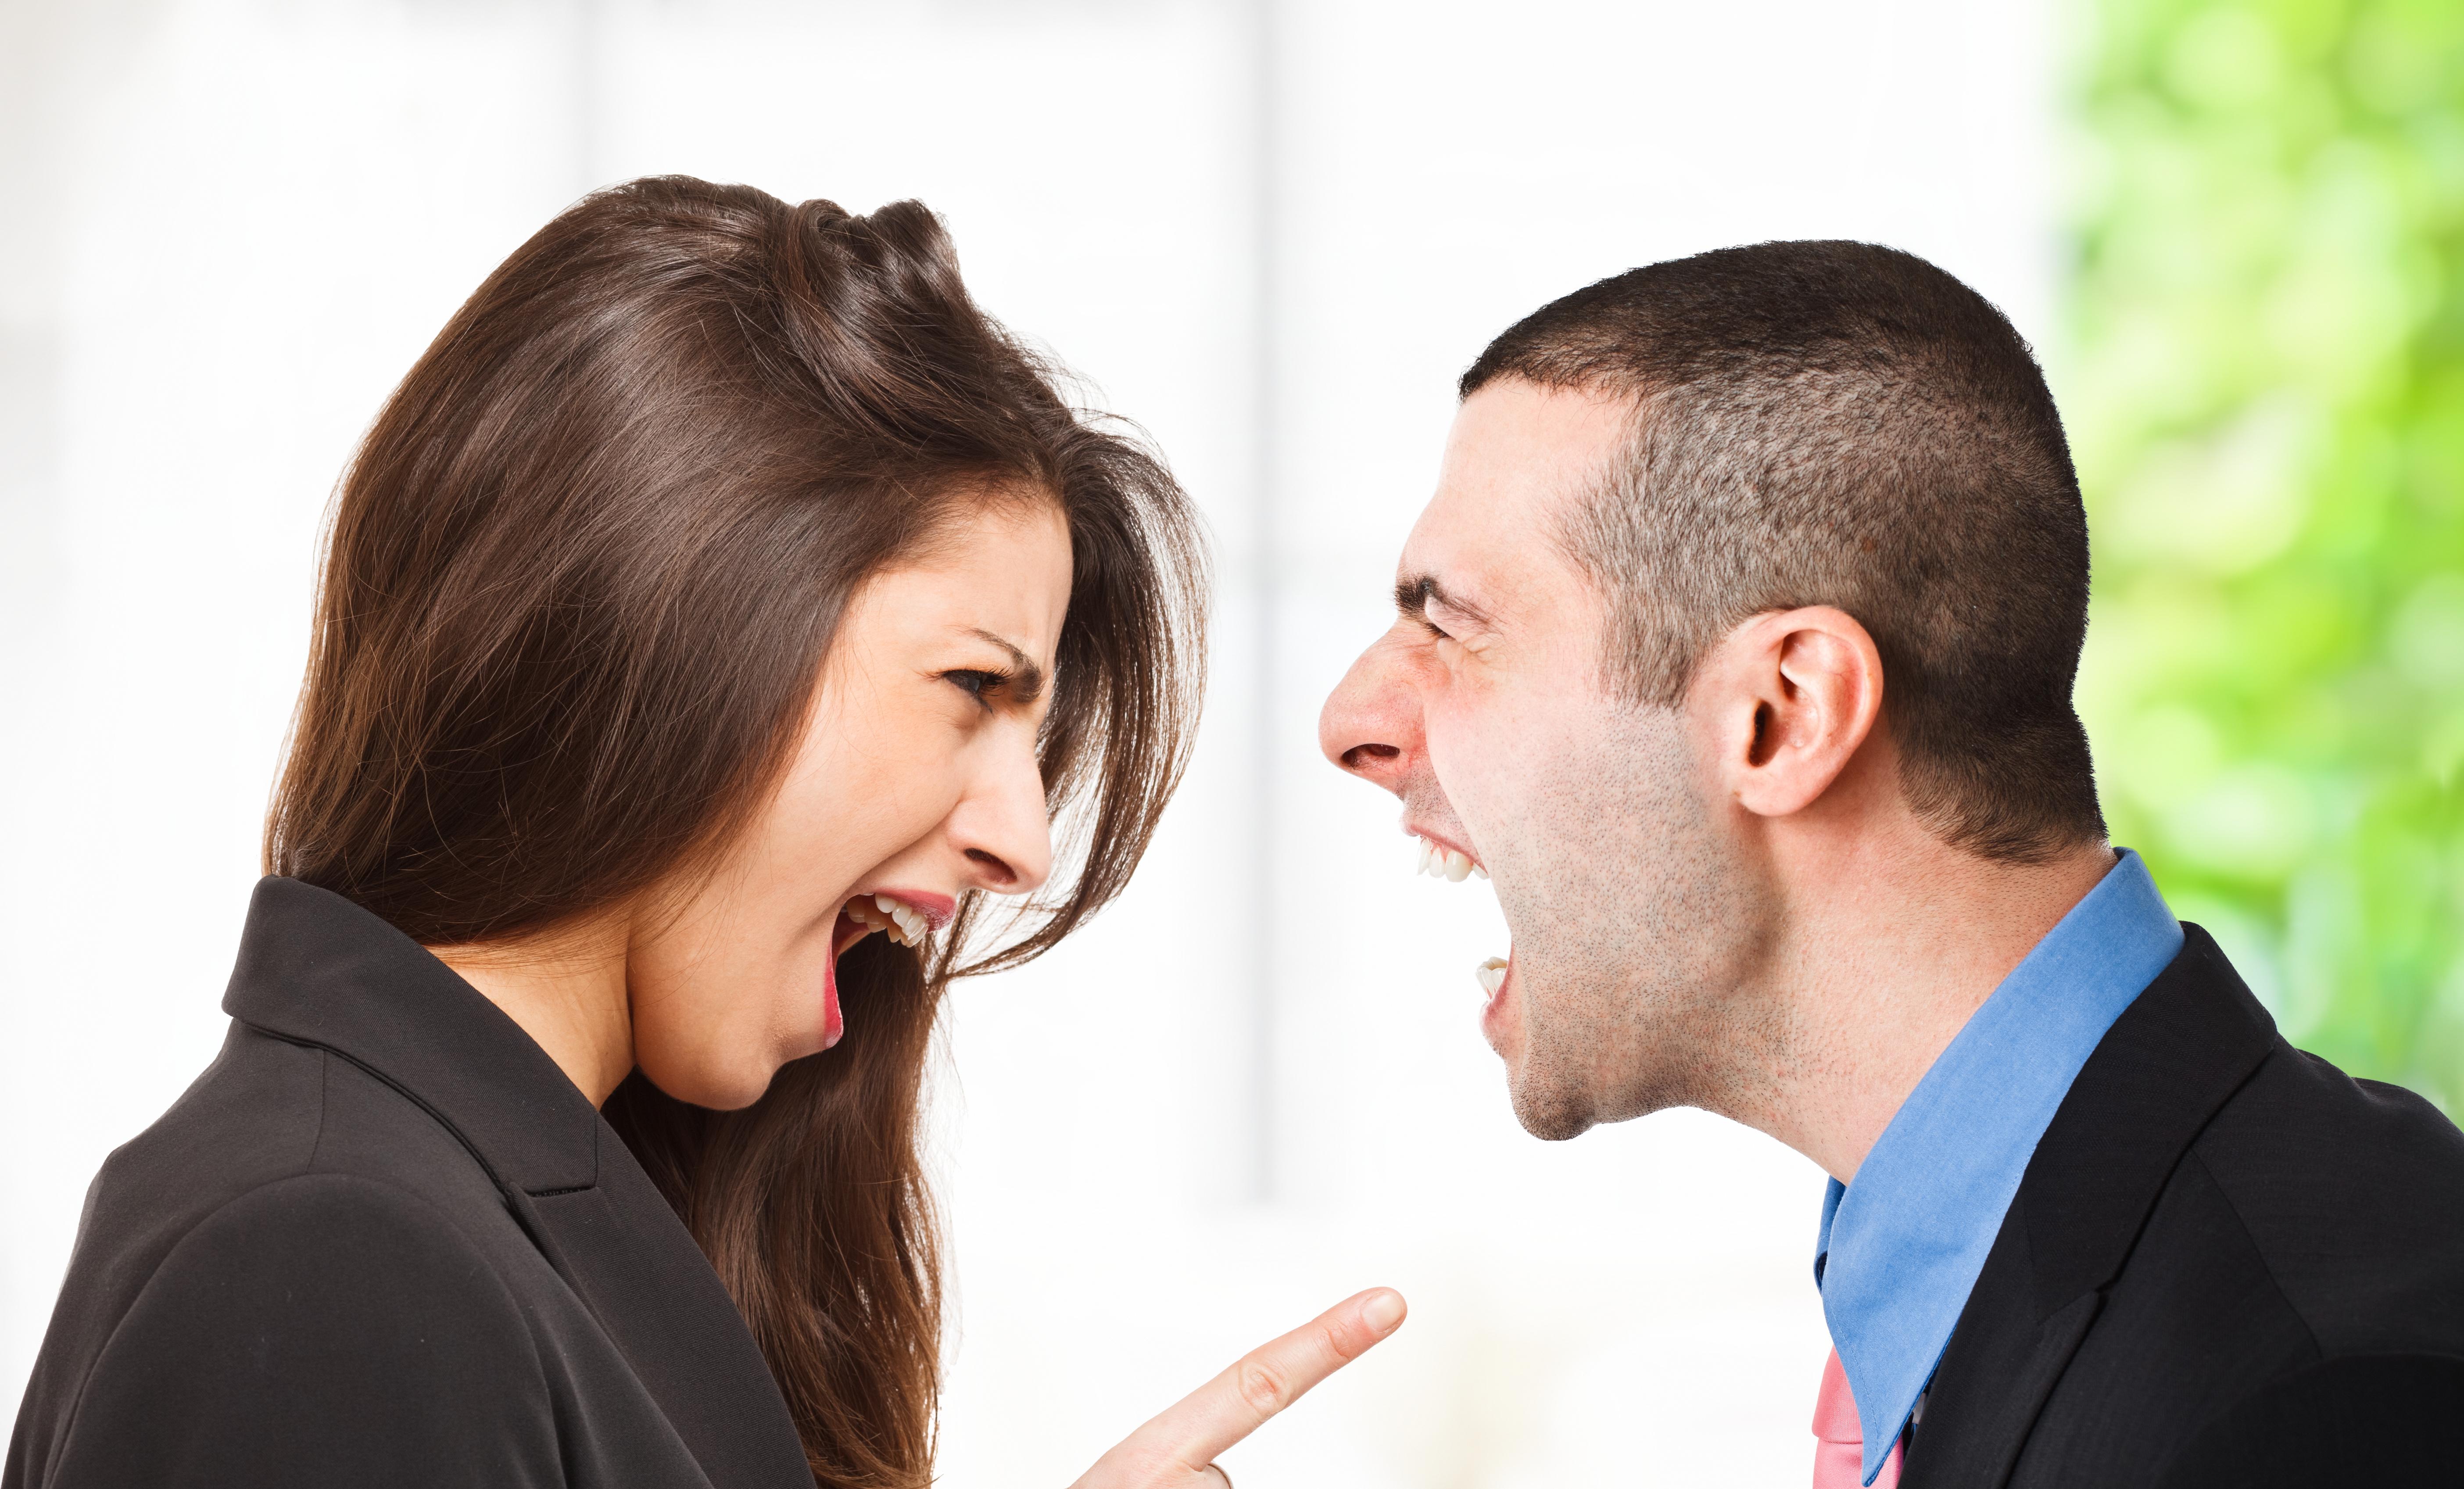 Streit ist der erste Schritt zur Versöhnung